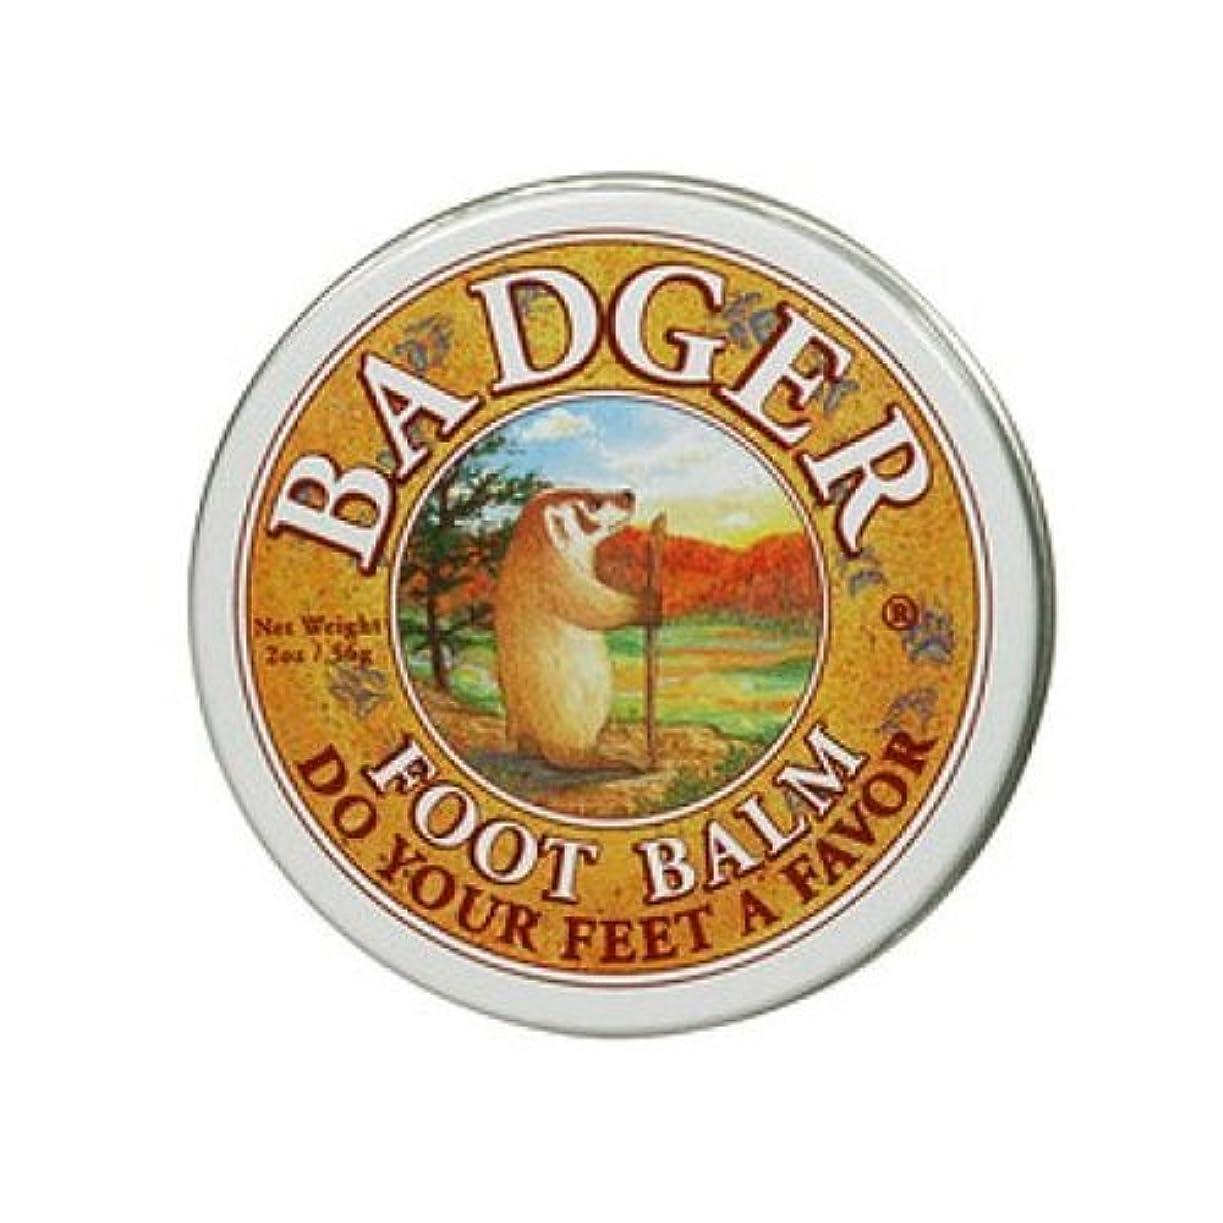 乗り出す忠実に市長Badger バジャー オーガニックフットクリーム ペパーミント & ティーツリー【小サイズ】 21g【海外直送品】【並行輸入品】